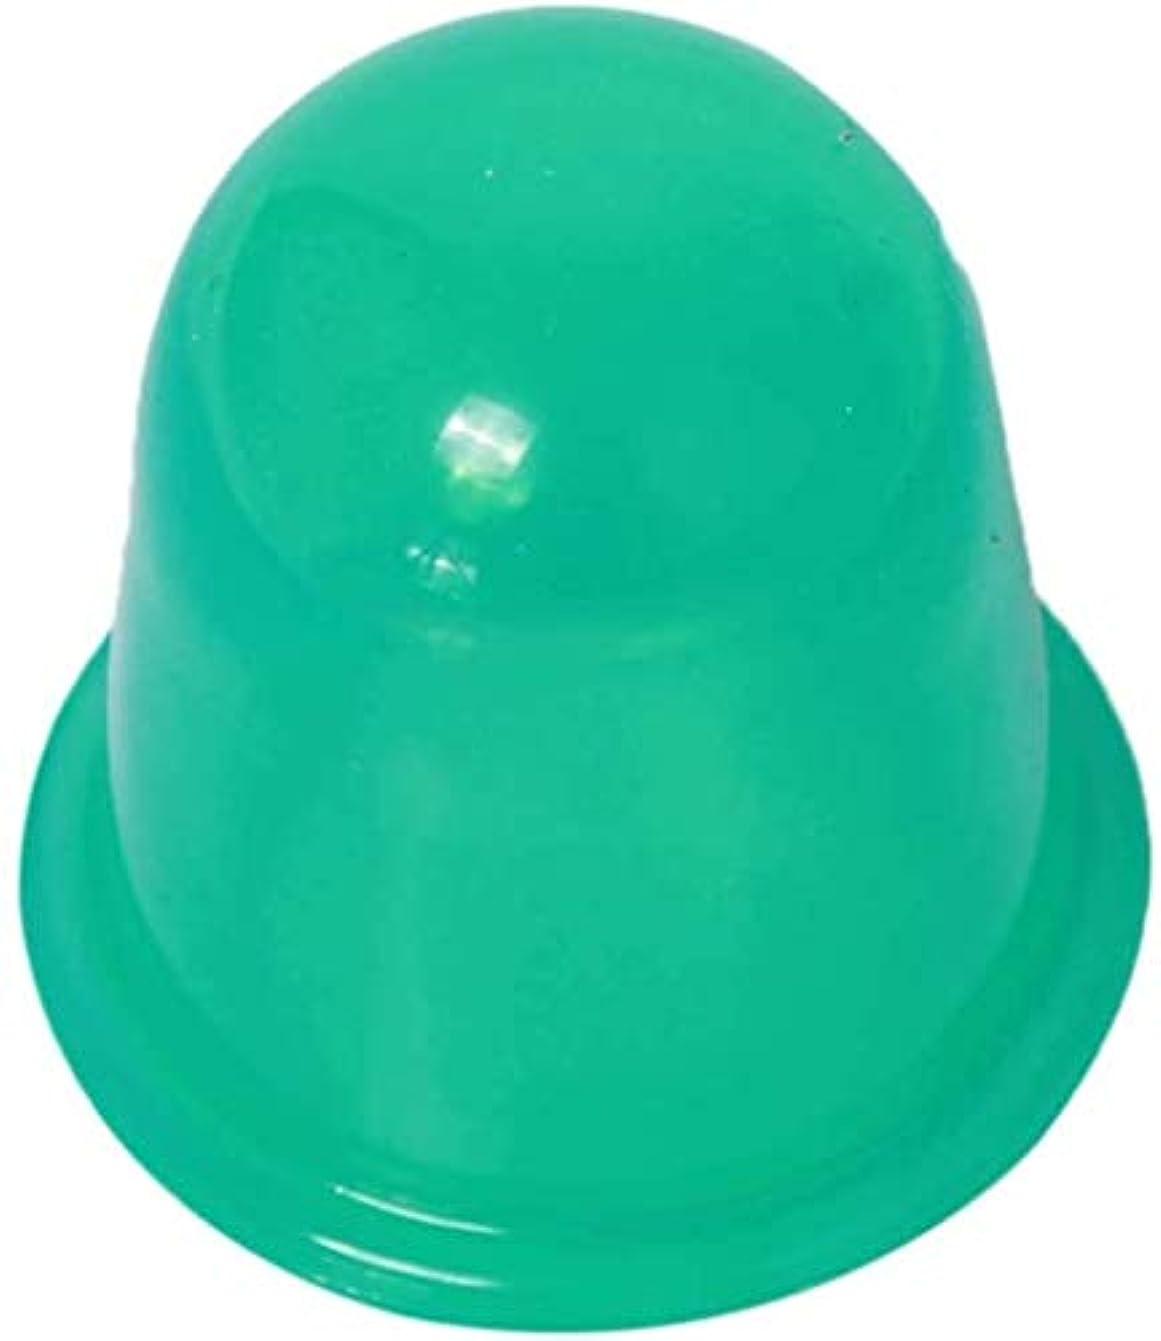 創始者特殊祝うシリコーンカップ、浚渫経絡をカッピングカッピングデバイス、シリコンカッピングデバイス、バキューム、痛みを緩和し、血液循環を促進 (Color : 緑, Size : 2pcs)